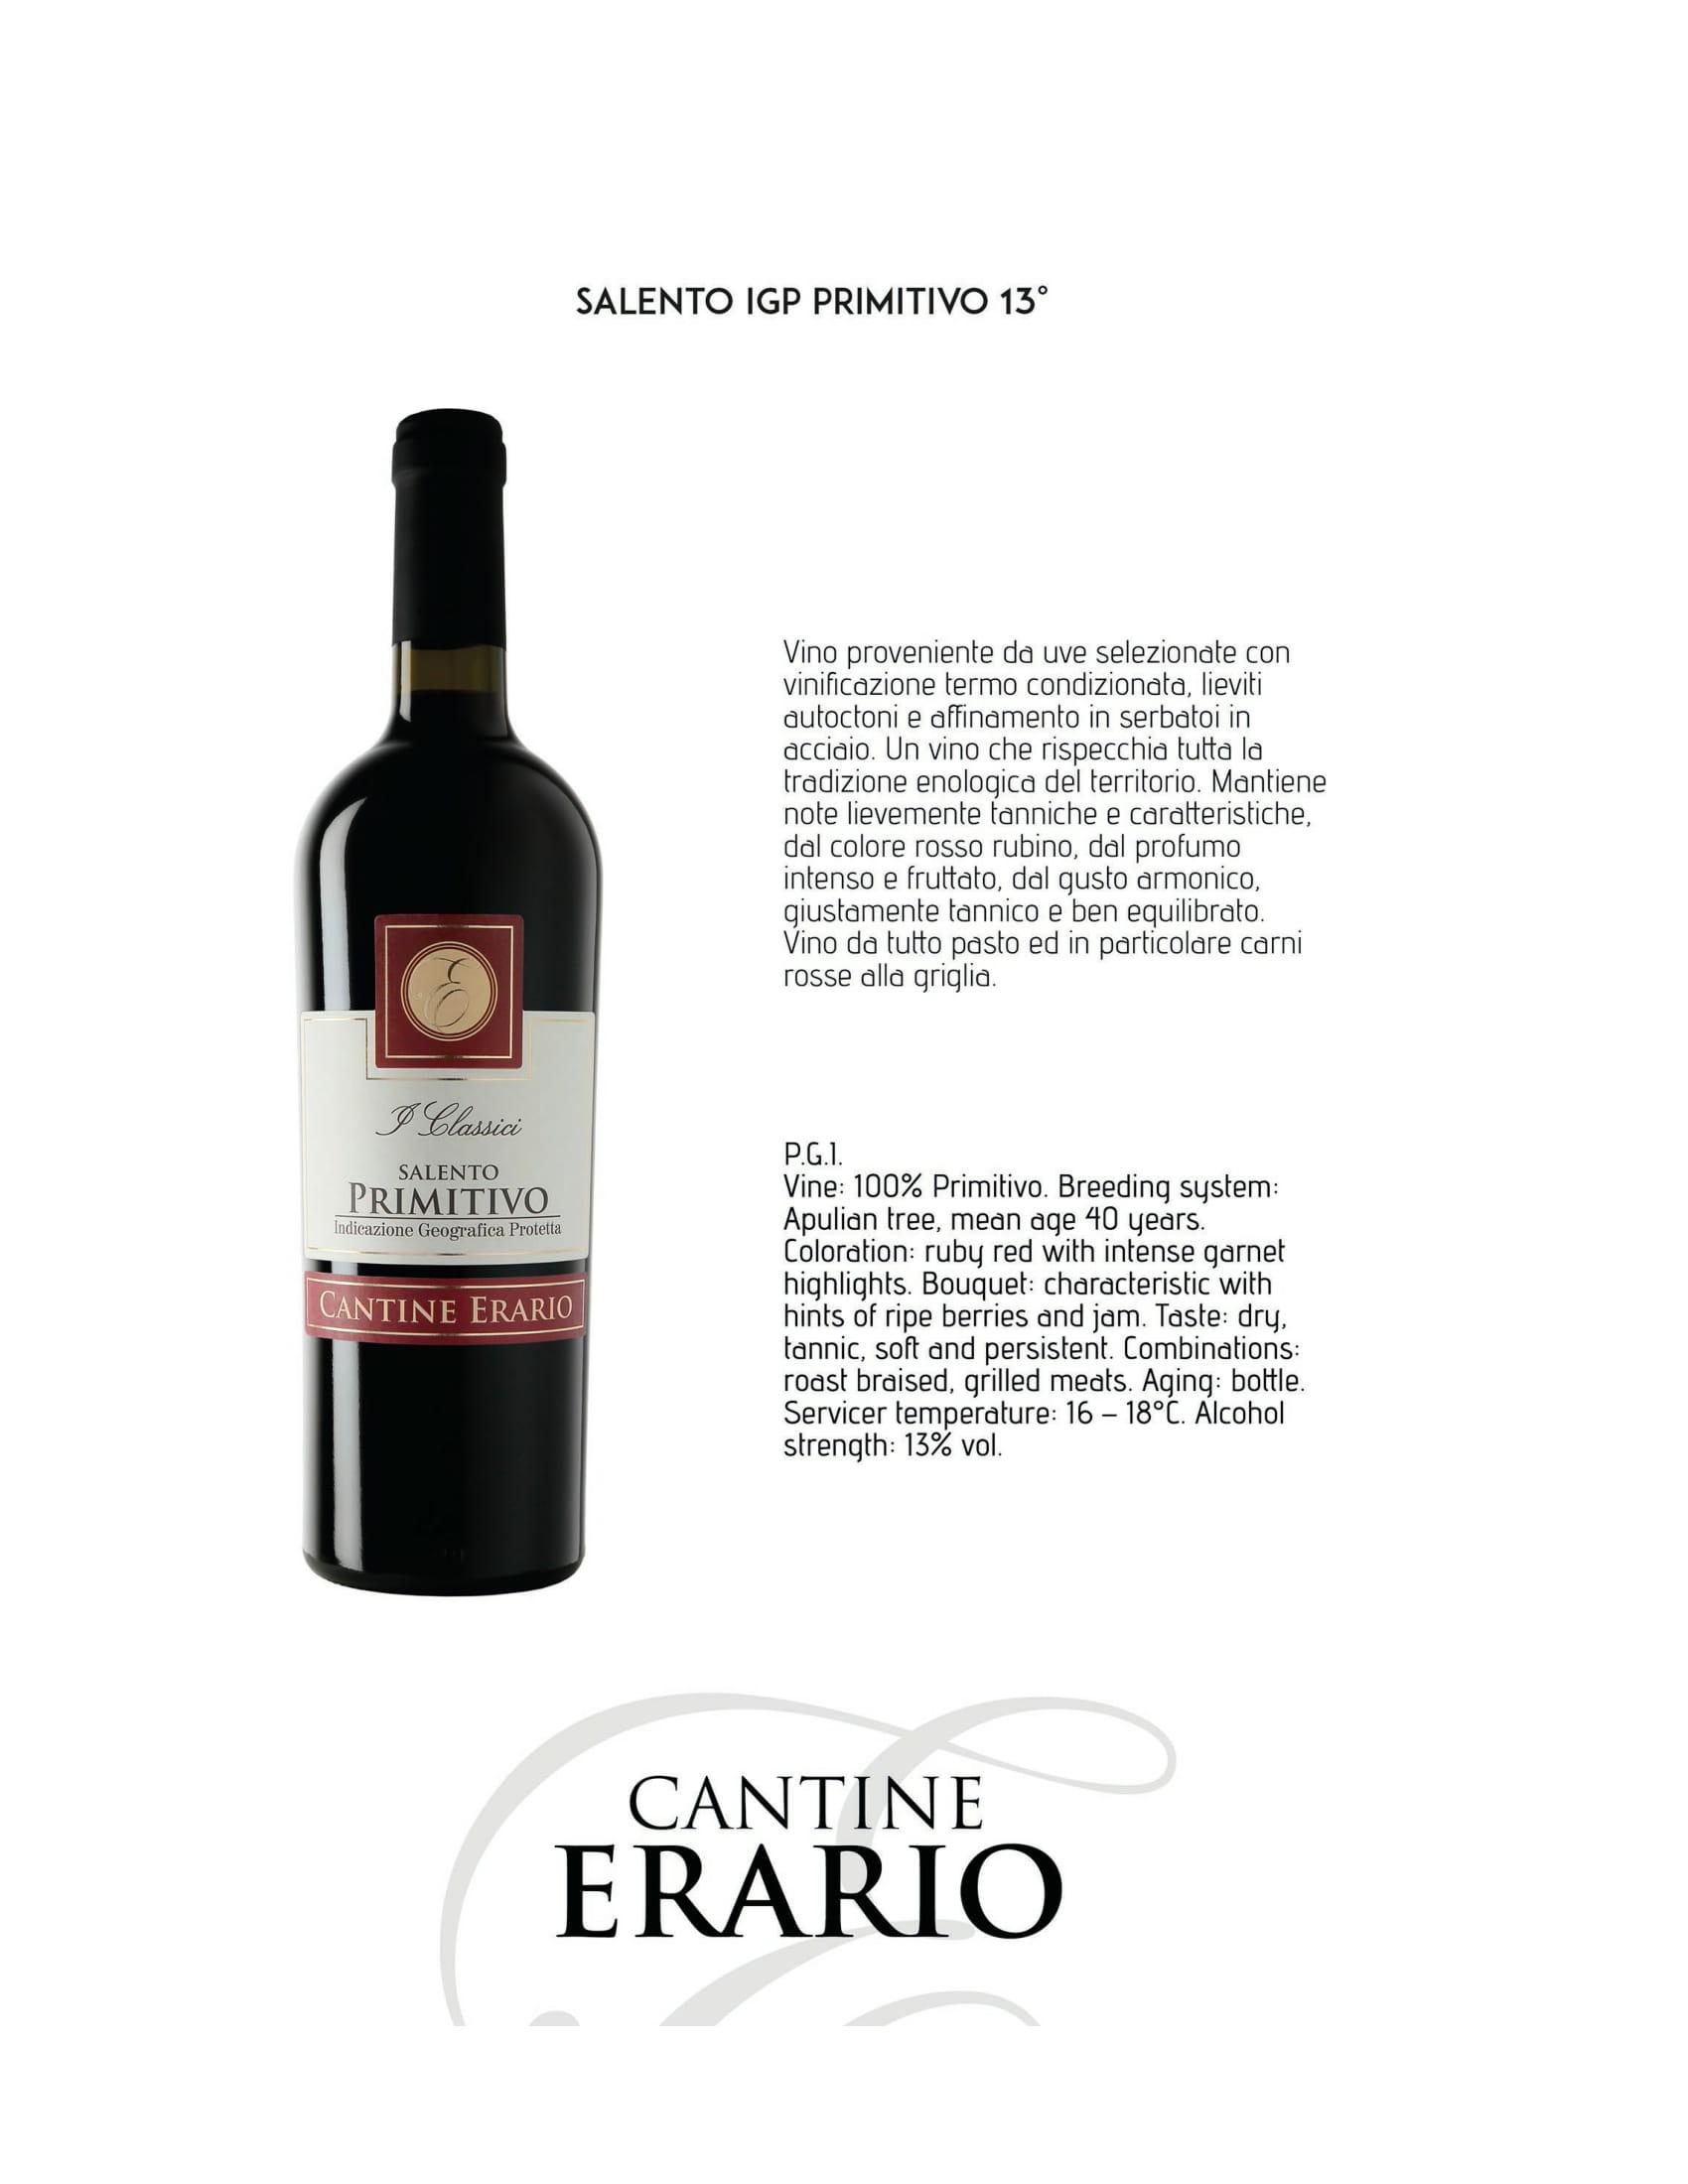 erario vino salento igp 13-1jpg